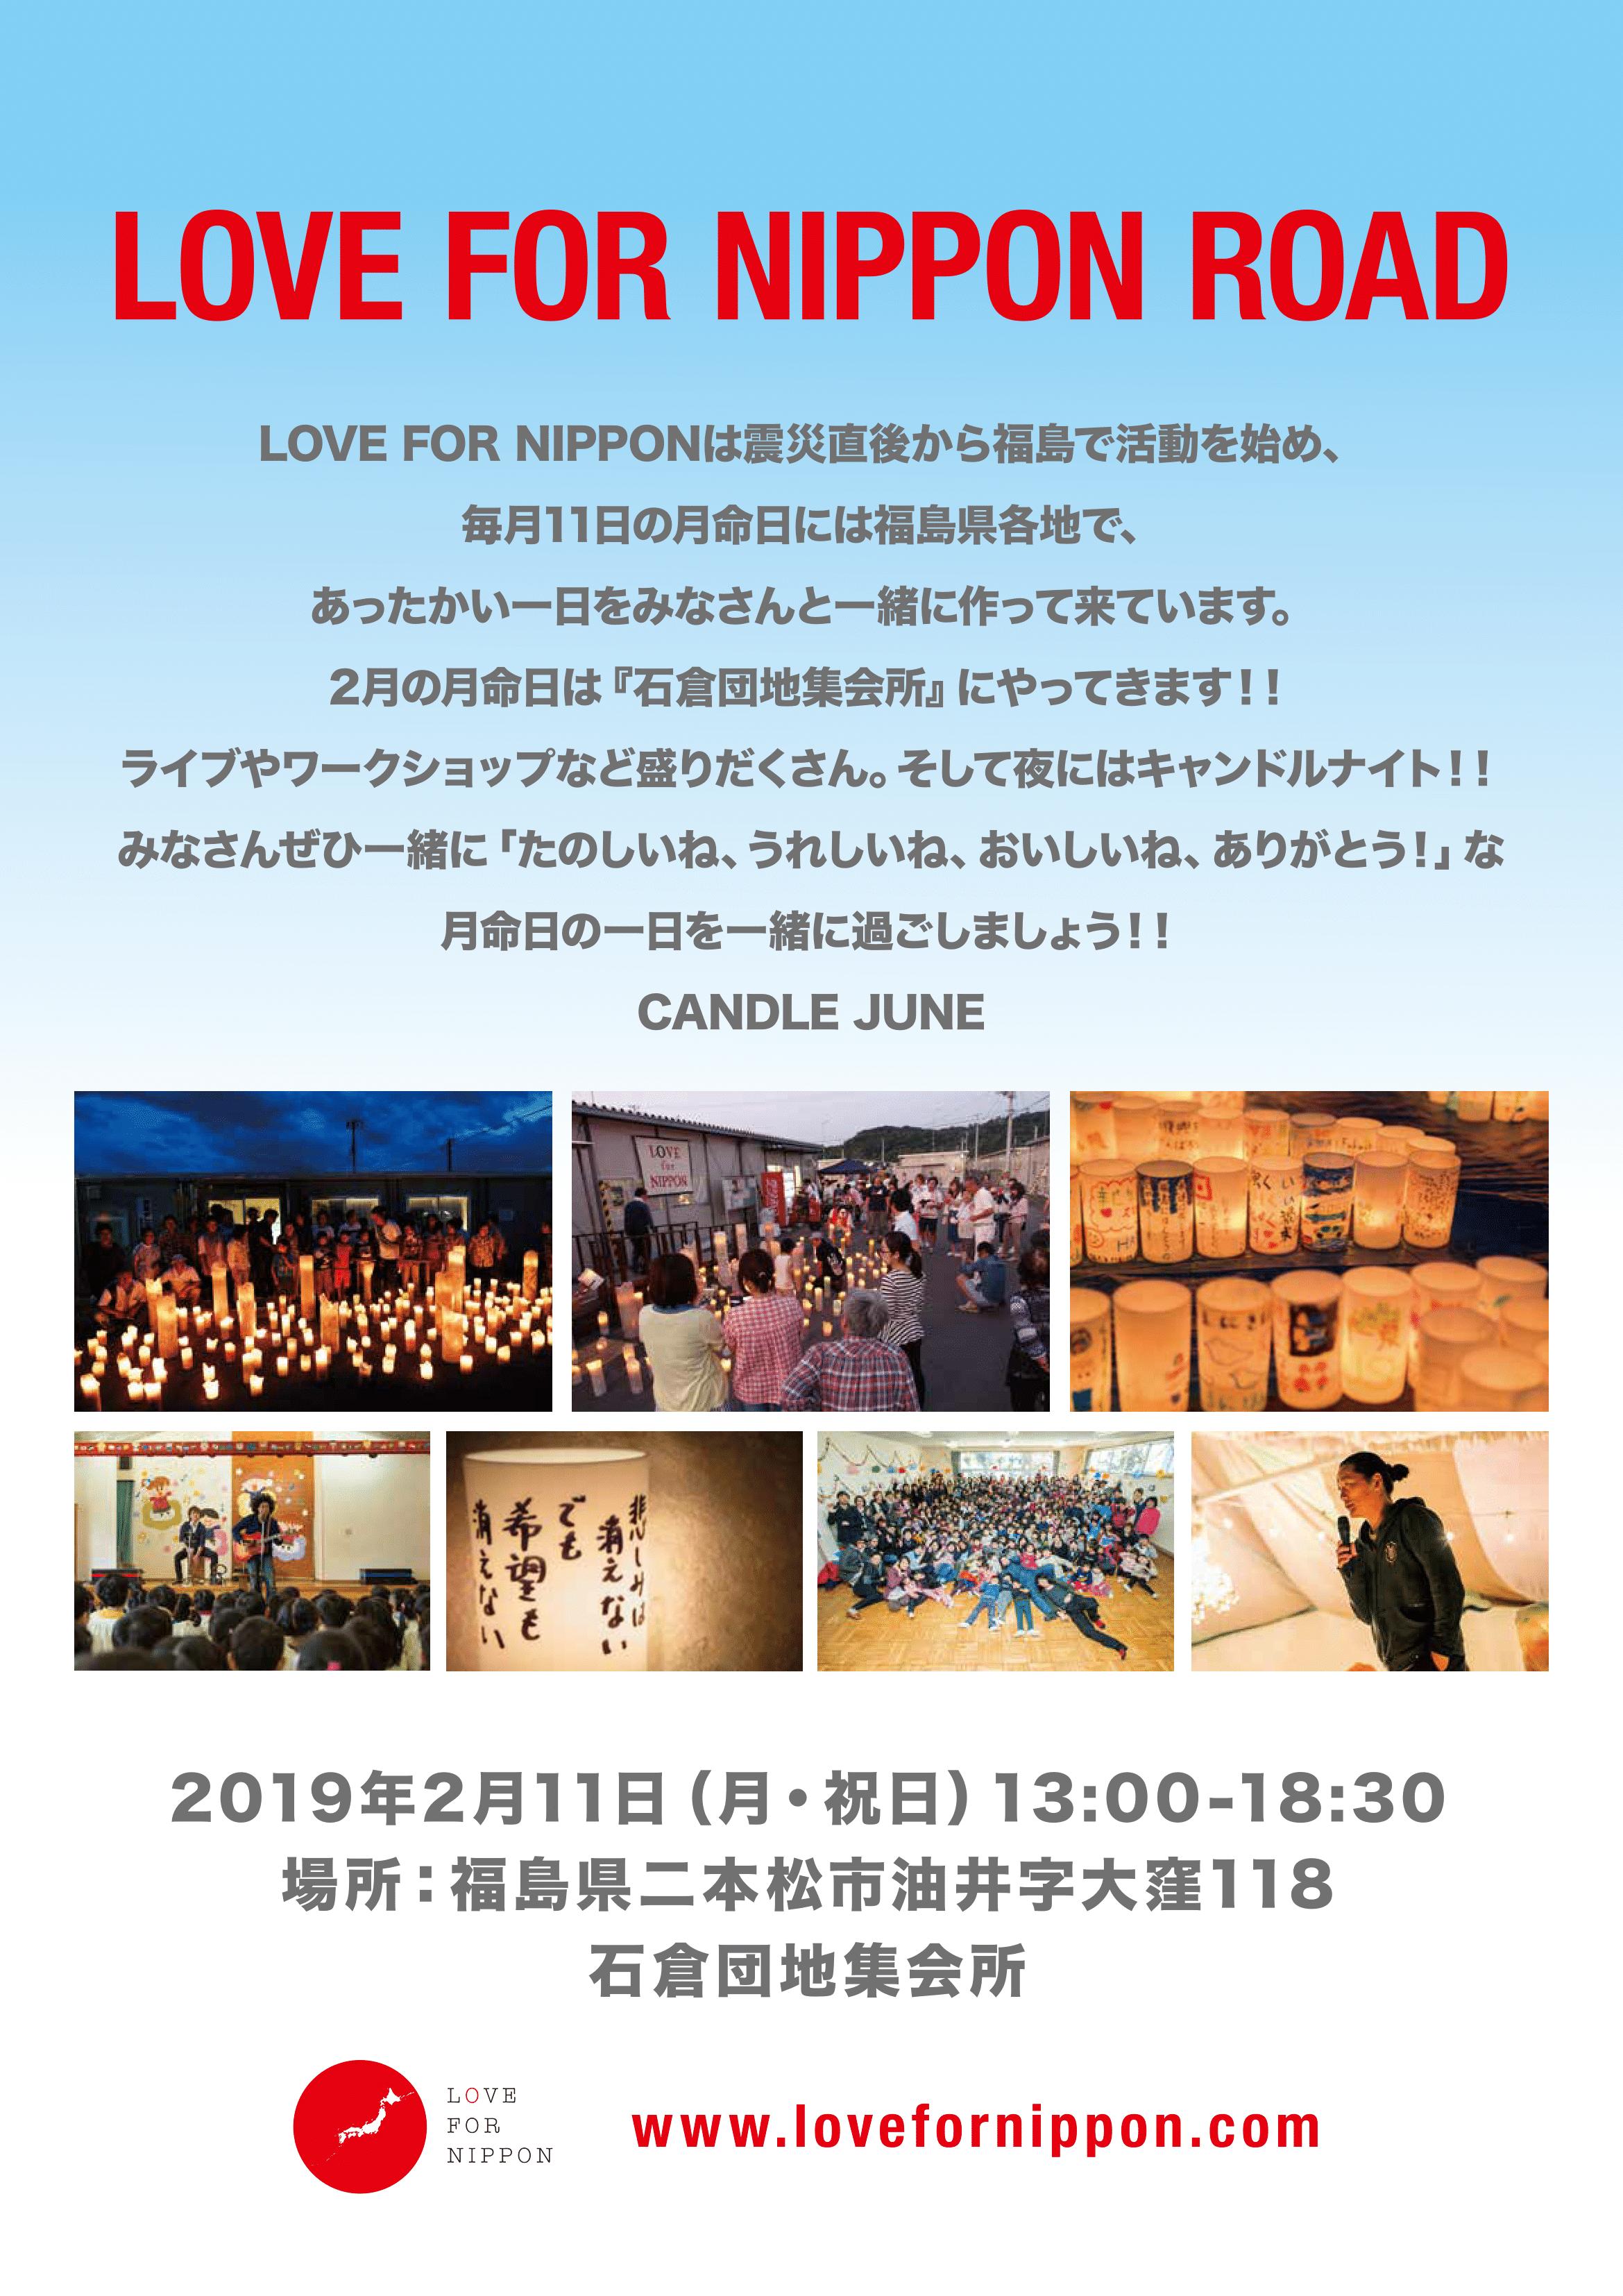 2月11日の月命日は 『石倉団地集会所』で開催します。